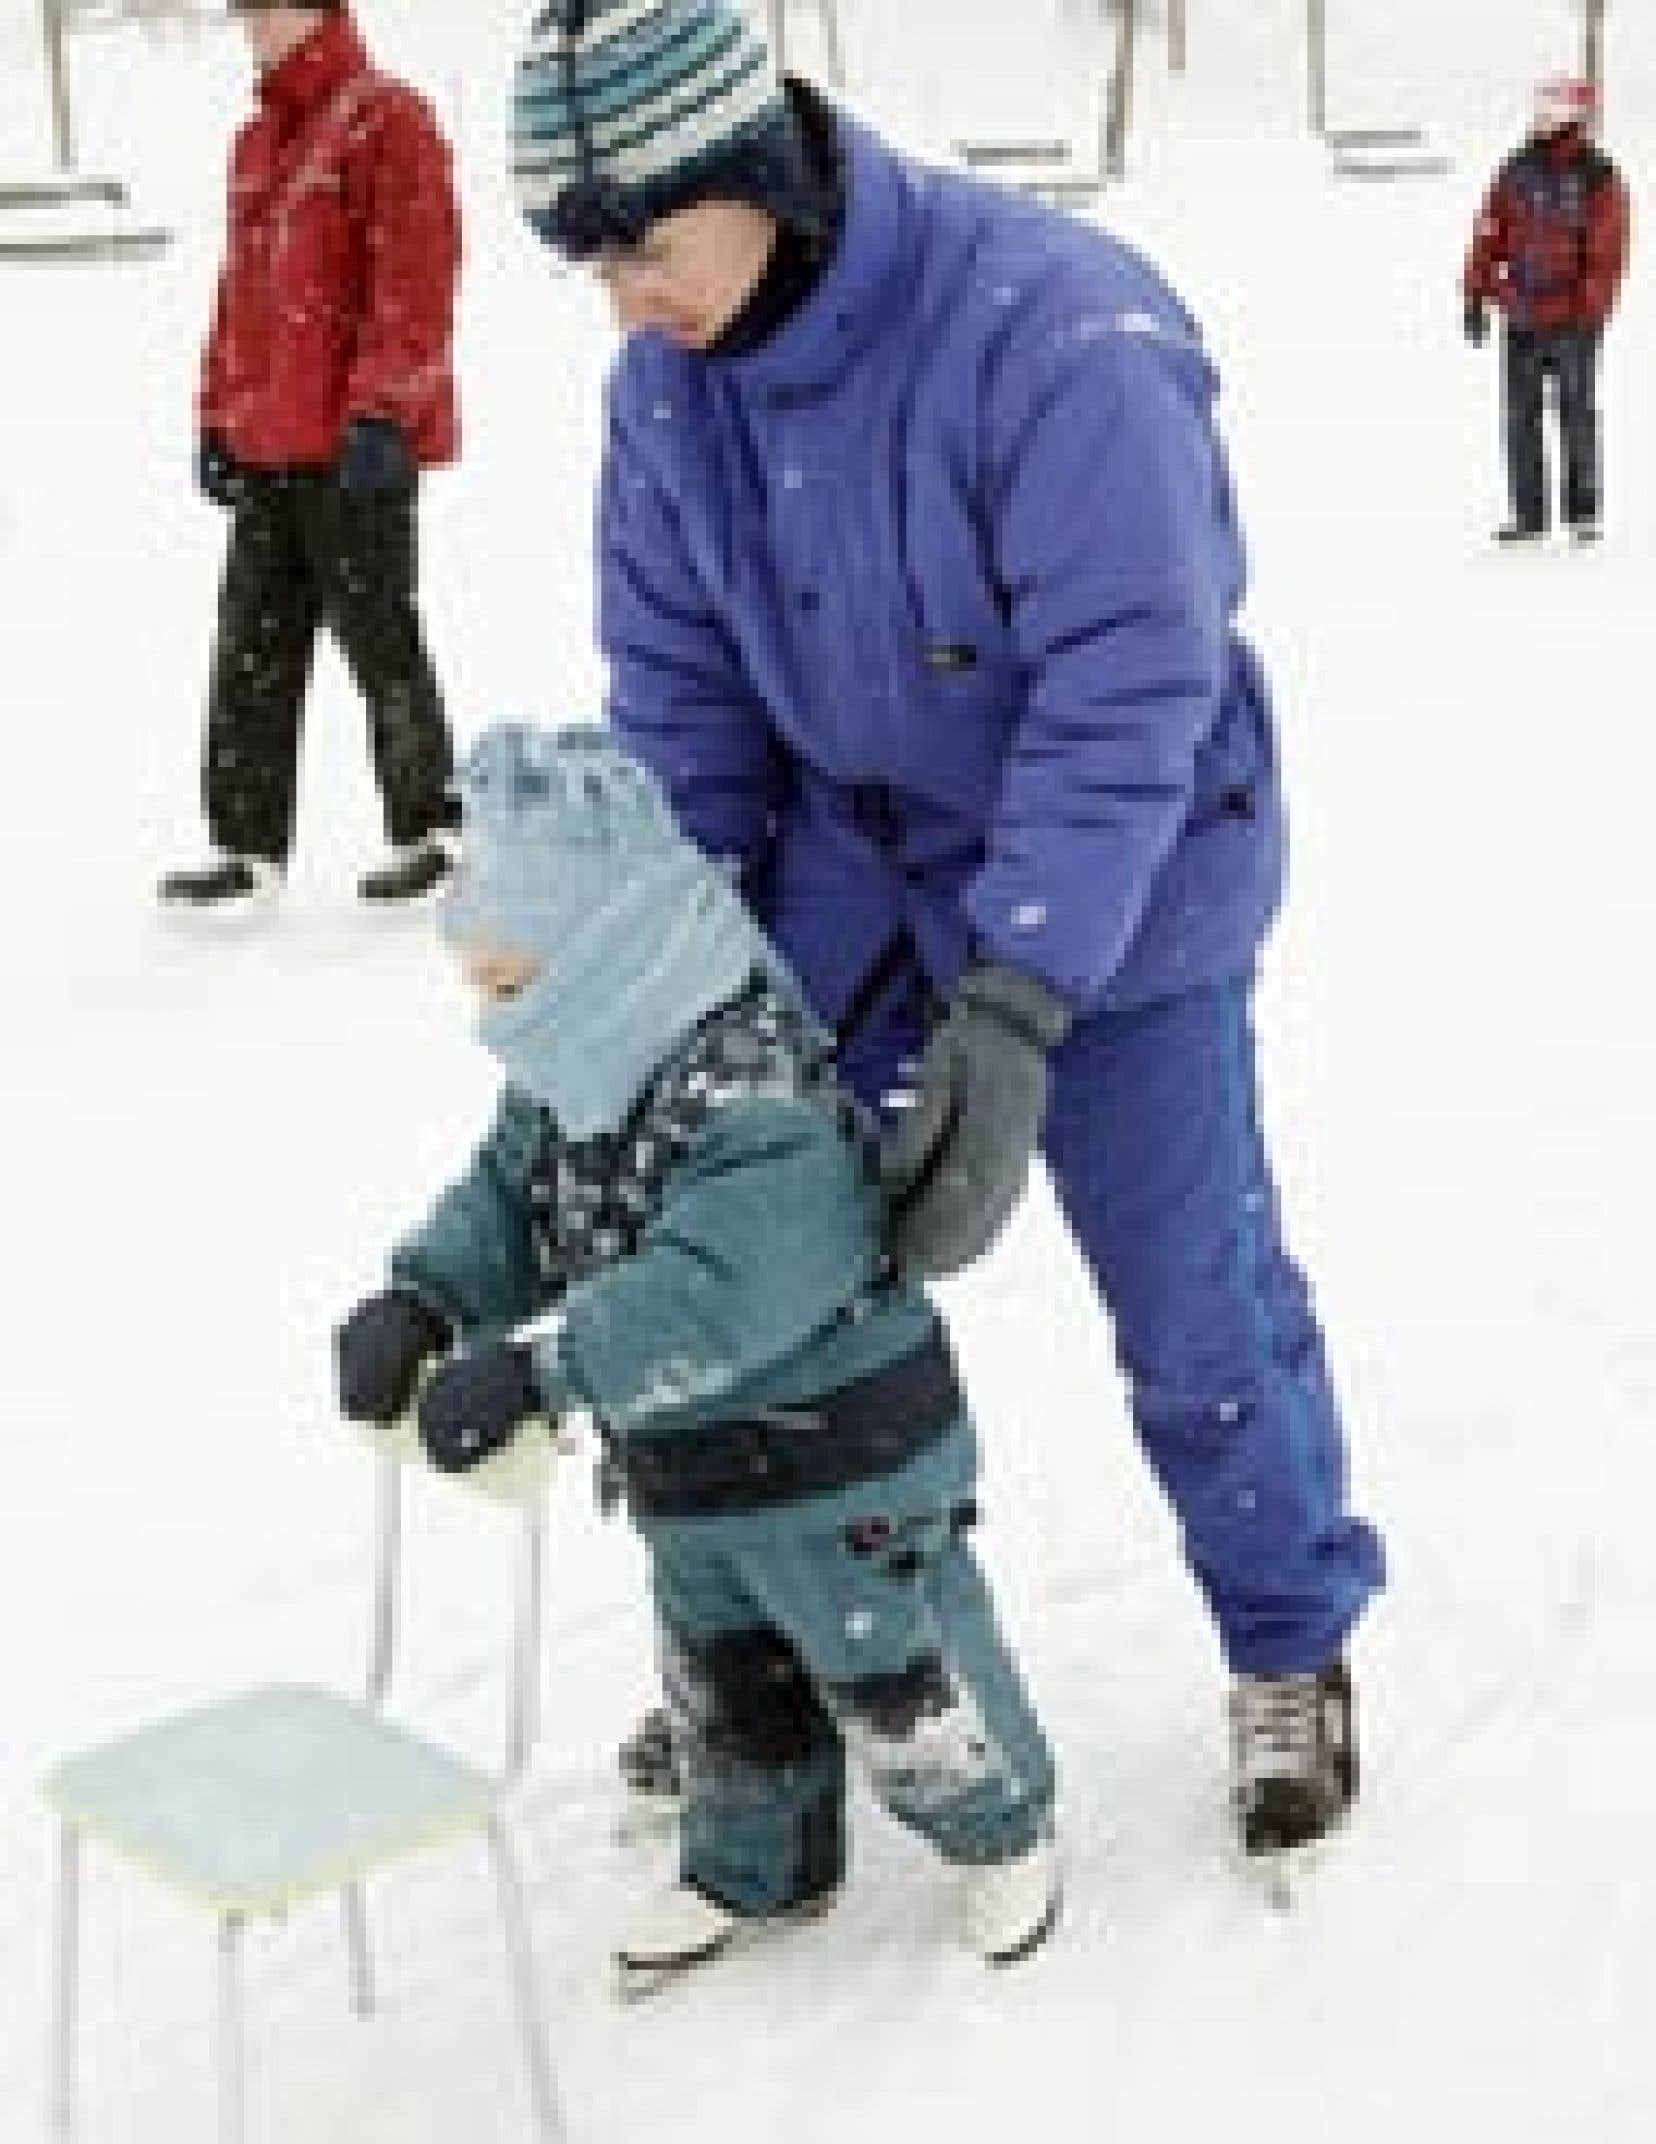 Les températures agréables d'hier, après une vague intense de froid, ont incité ce père de famille à initier son bambin aux joies du patin au parc Lafontaine.